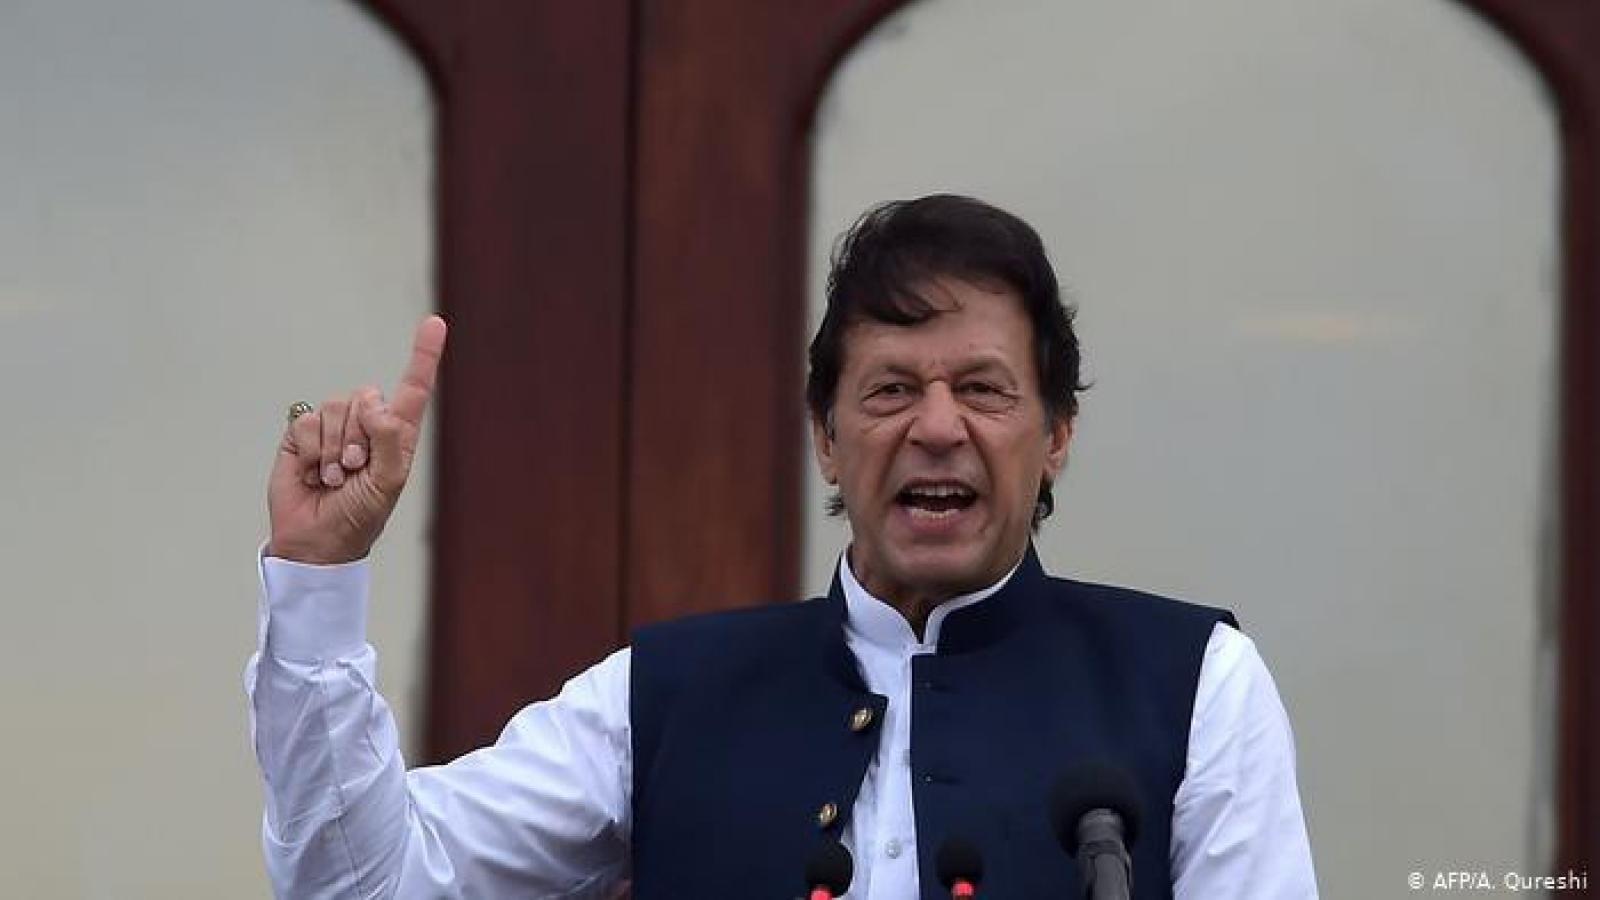 Ấn Độ phản đối Pakistan công bố bản đồ hành chính mới